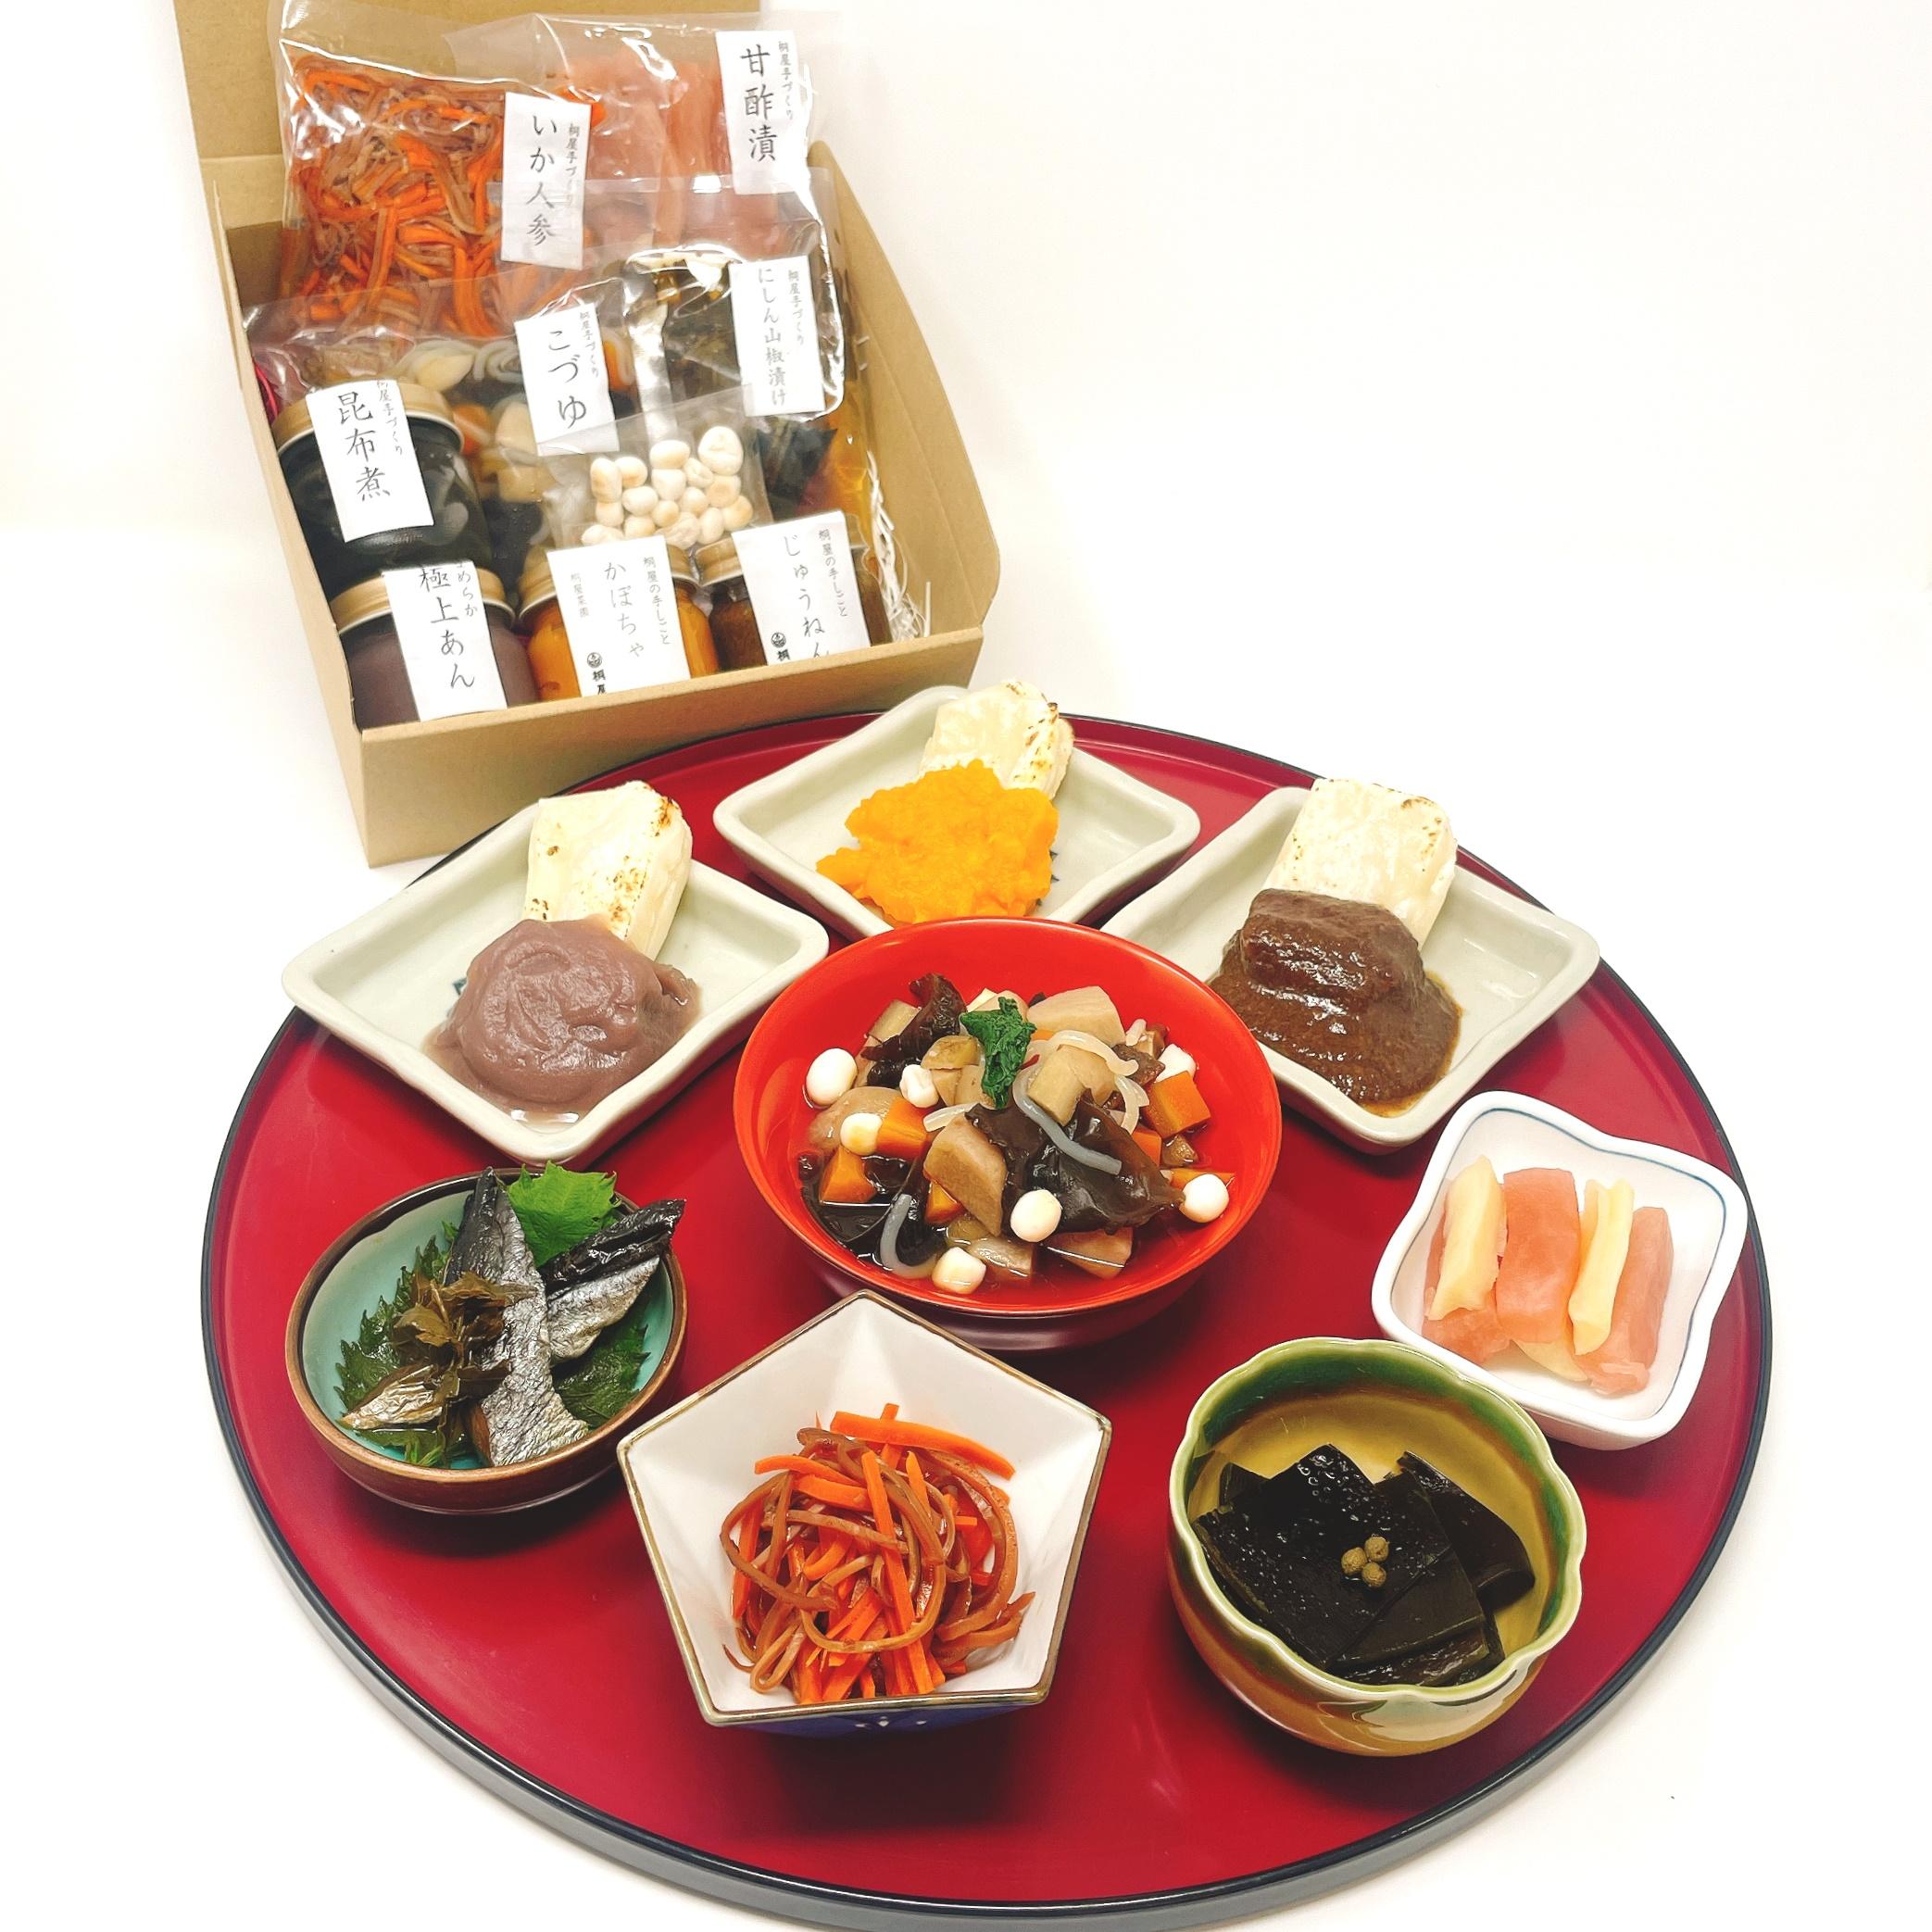 会津のお正月セット 会津の味をどうぞ!画像